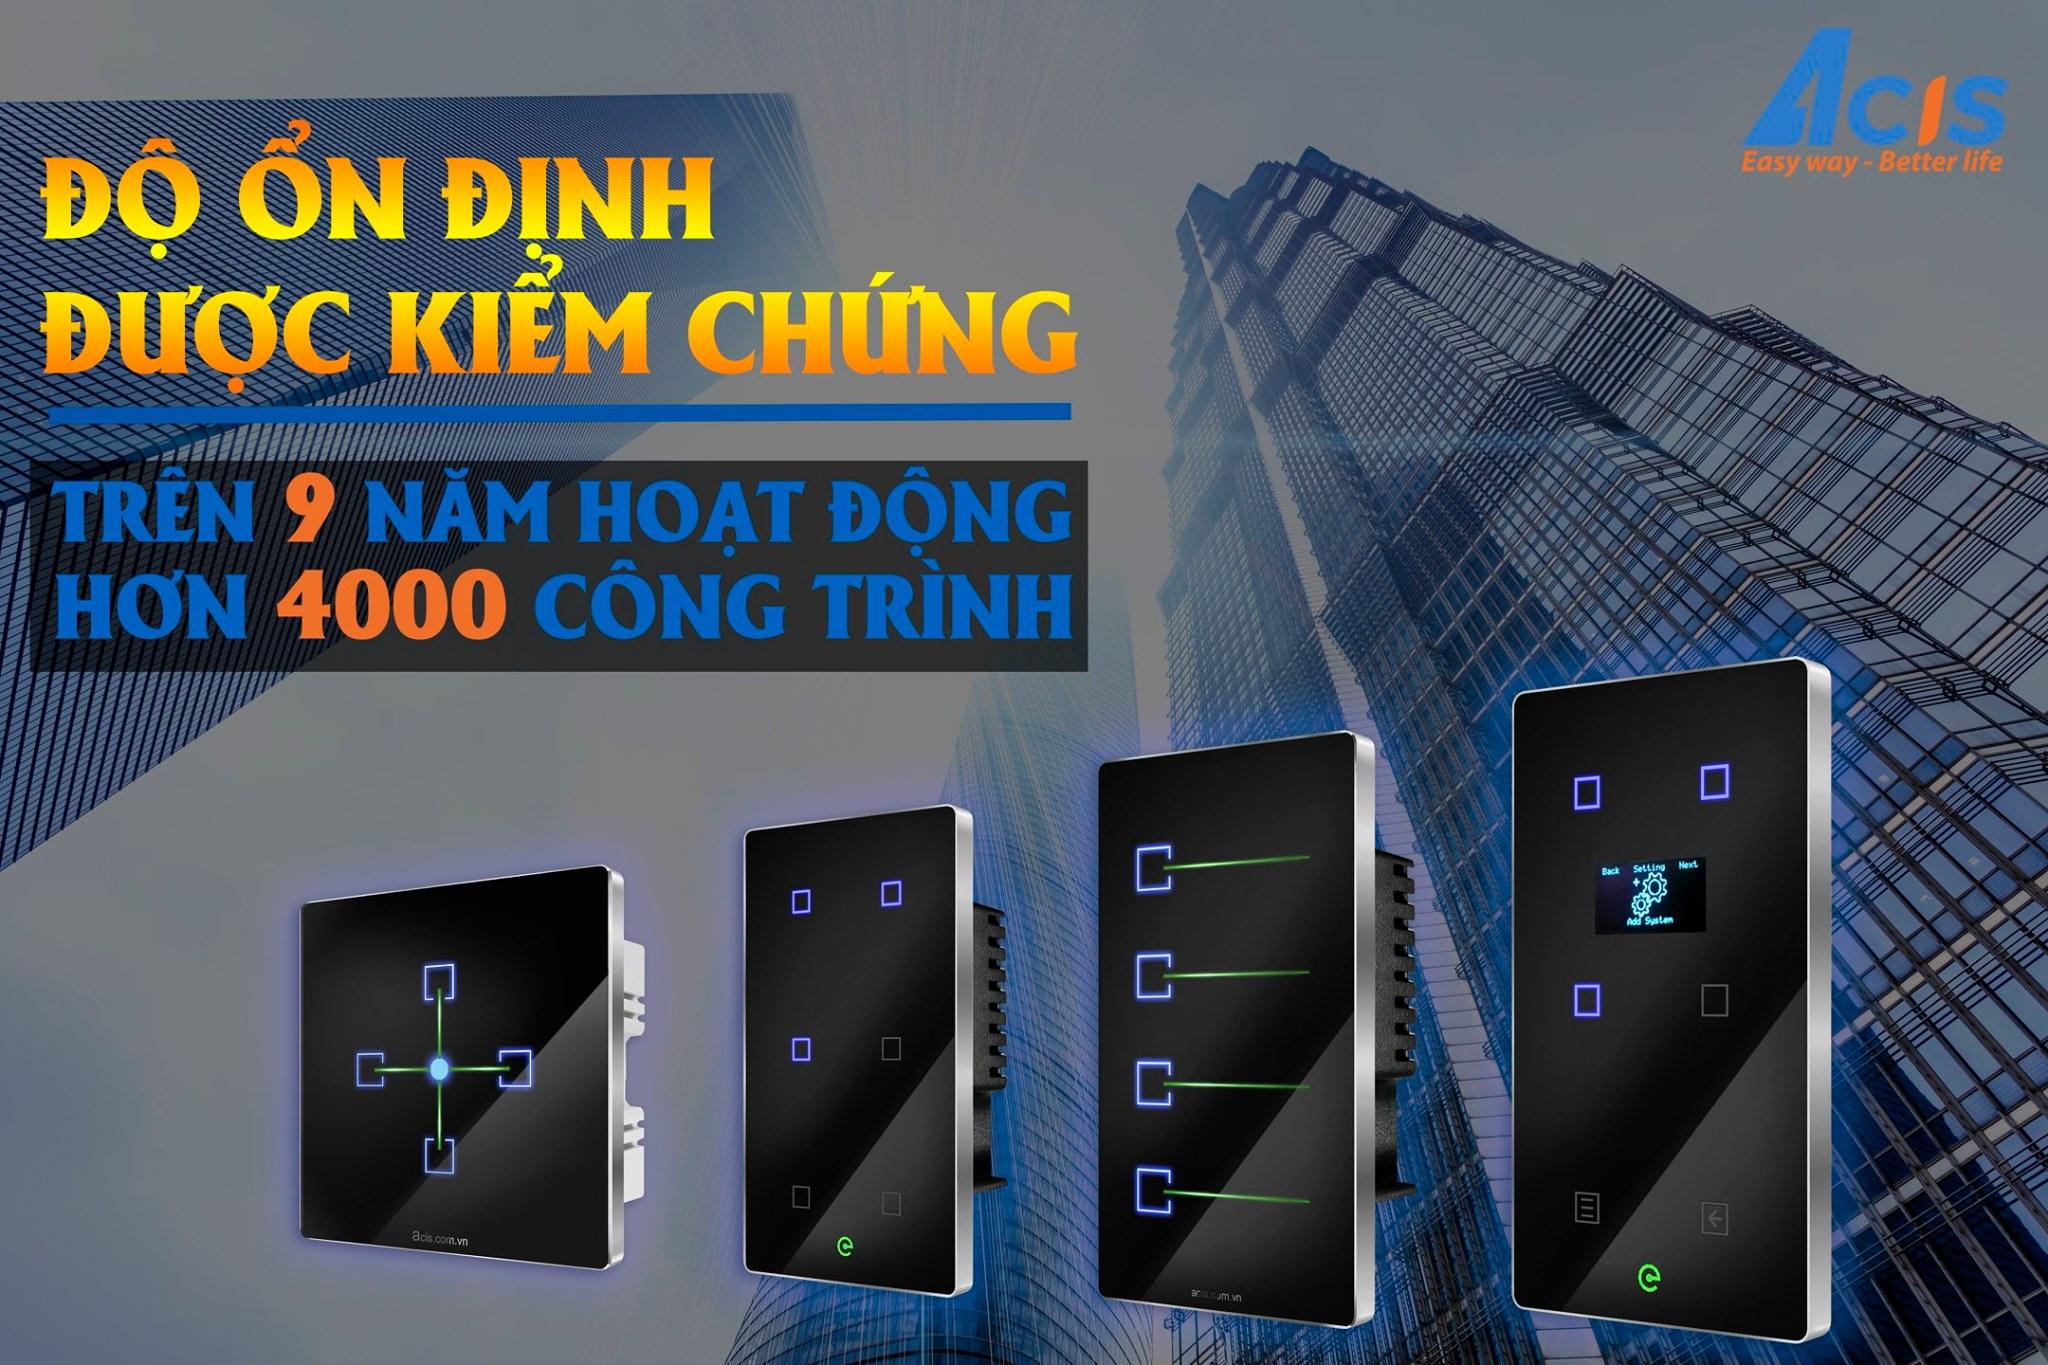 nhà thông minh uy tín tại Việt Nam